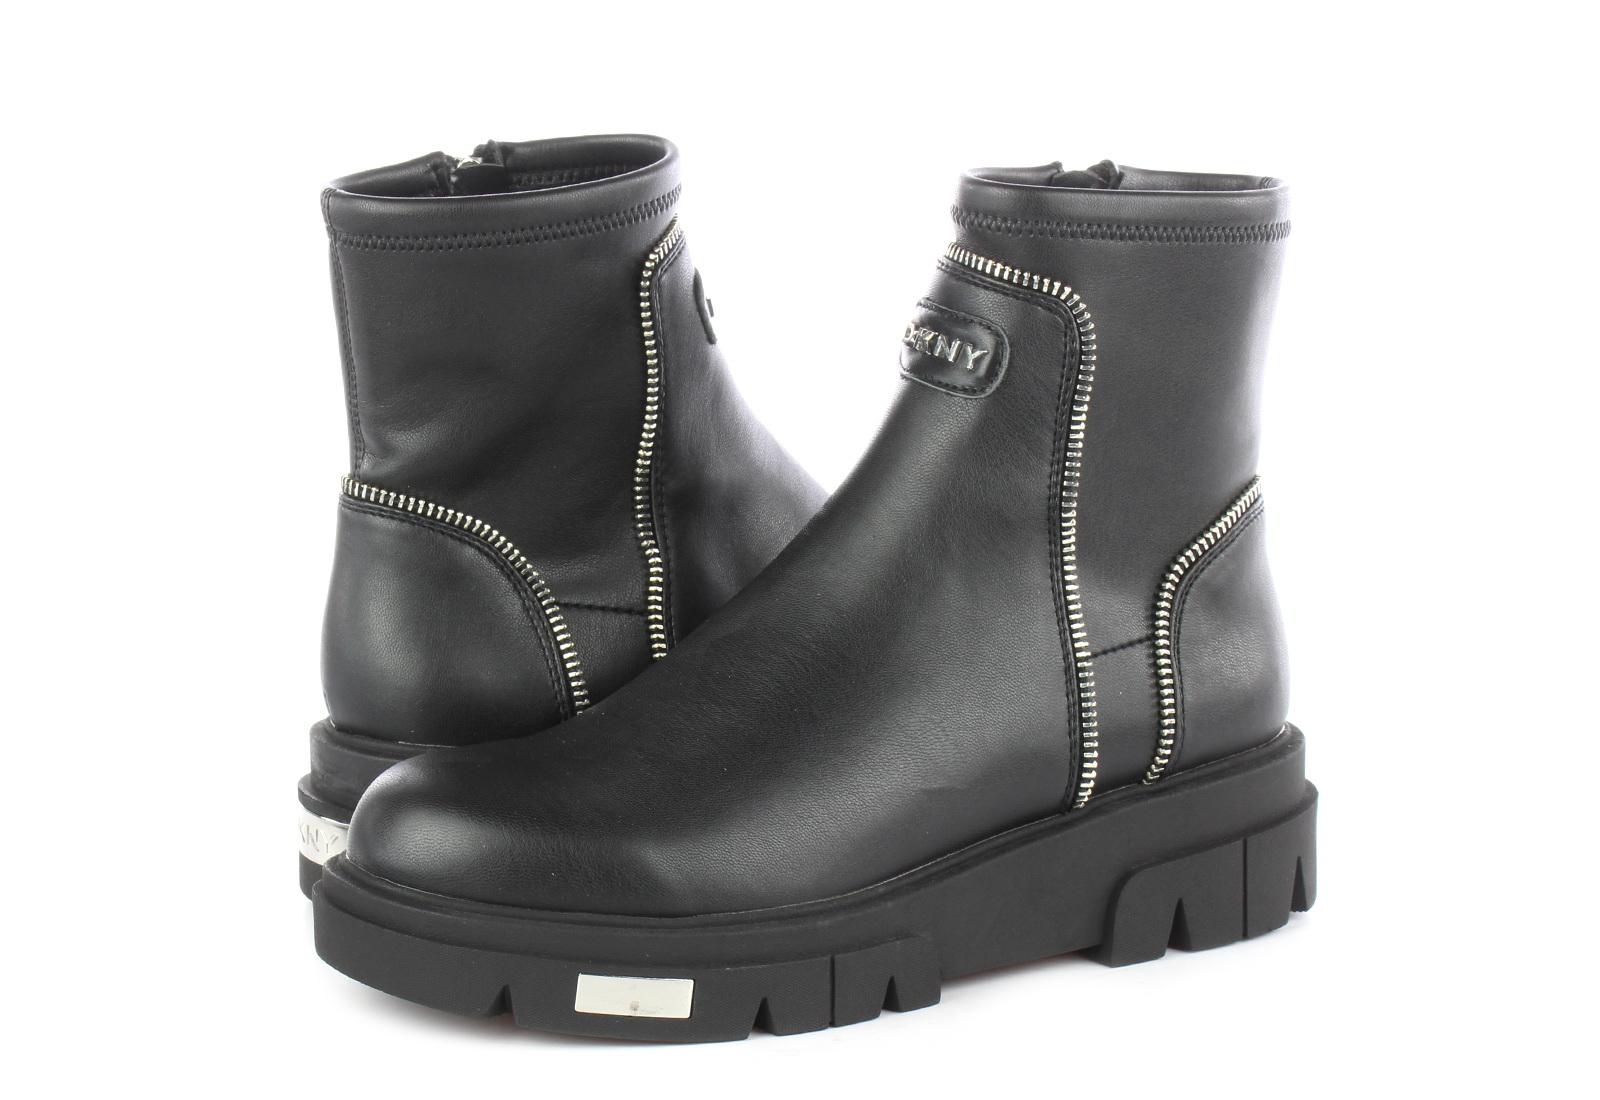 DKNY Duboke Cipele Lizzi